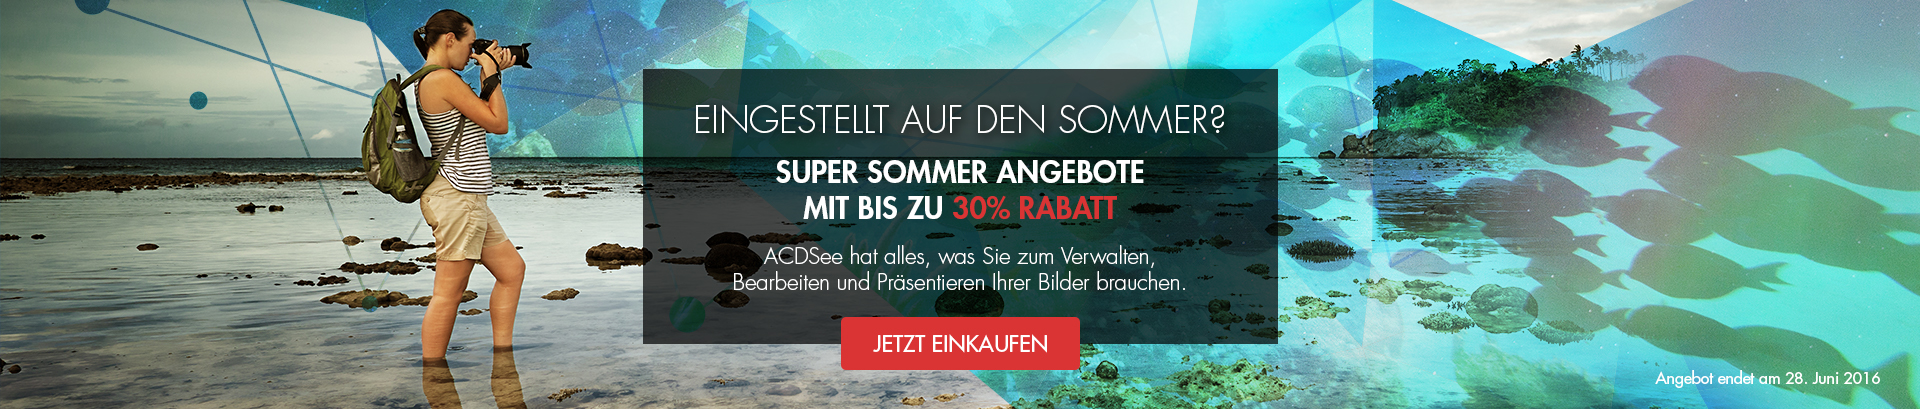 Set for Summer 30%